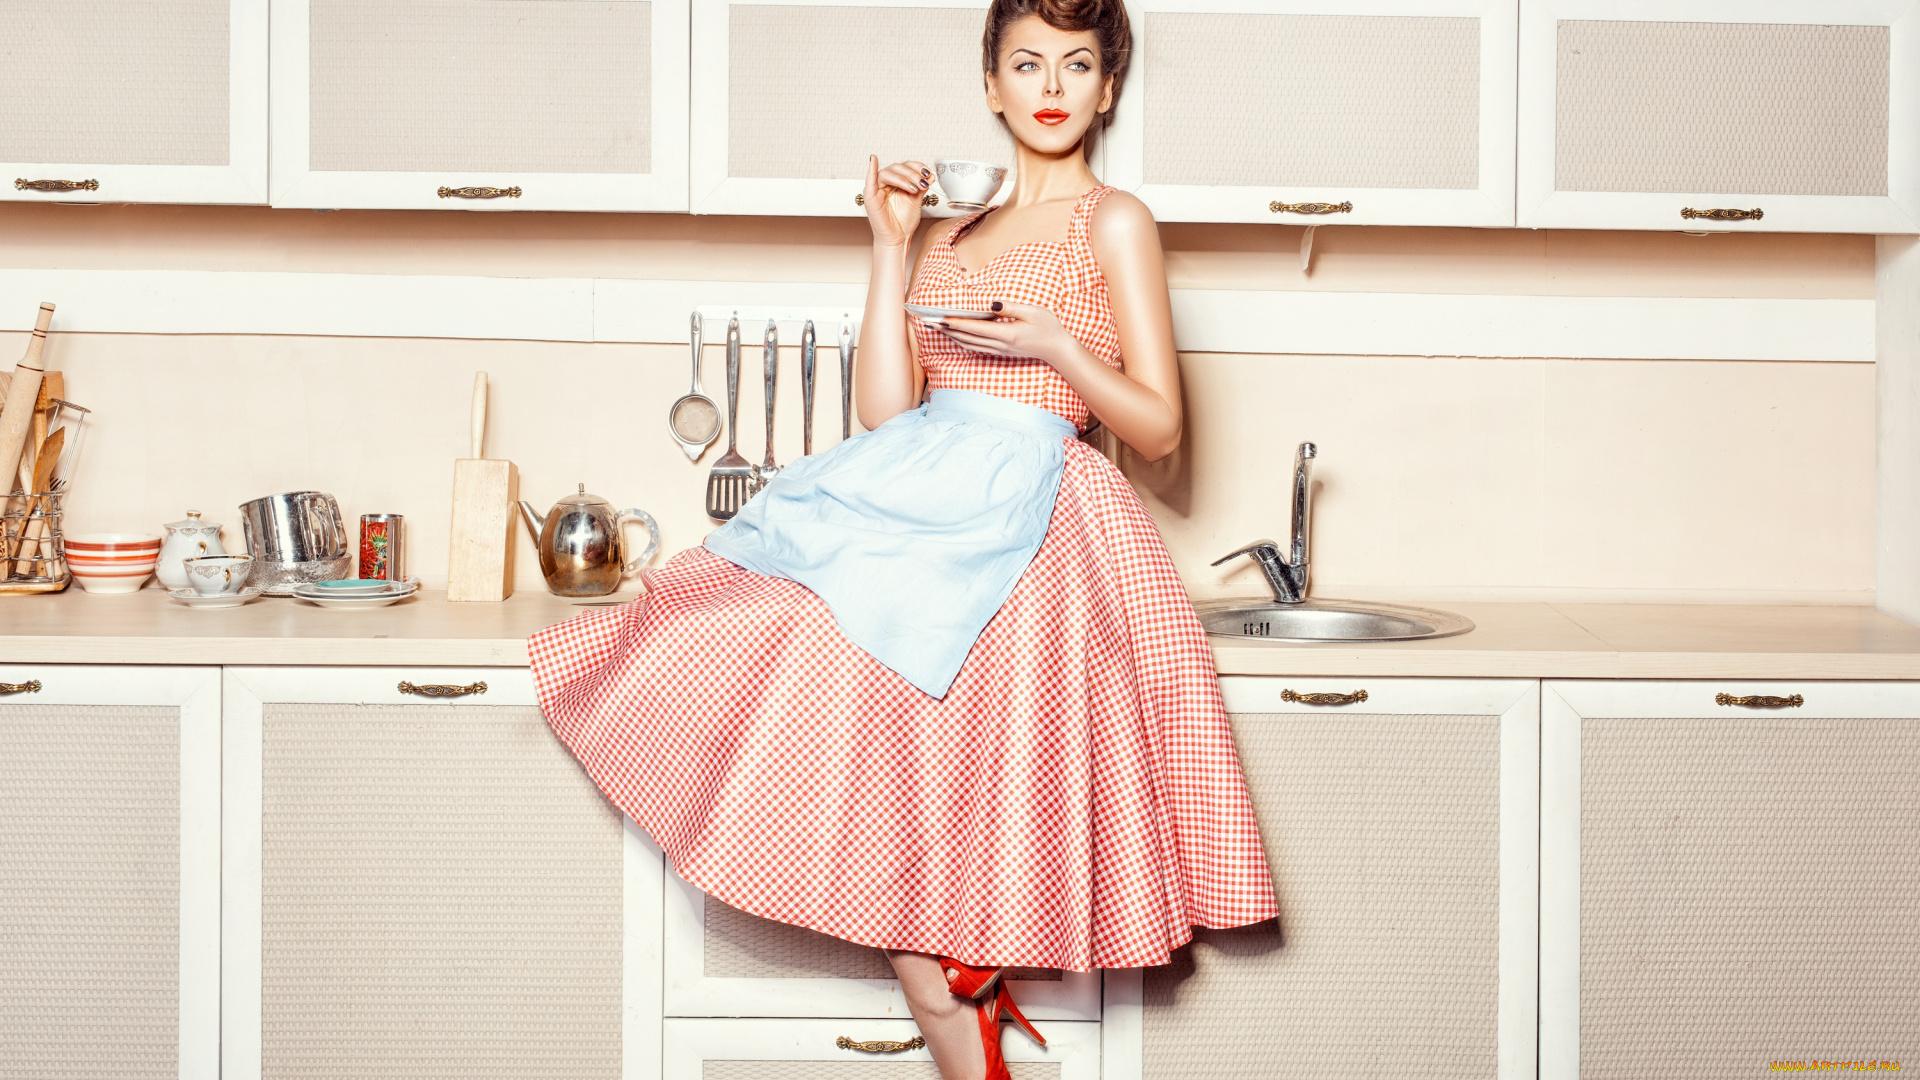 фото женщина на кухне